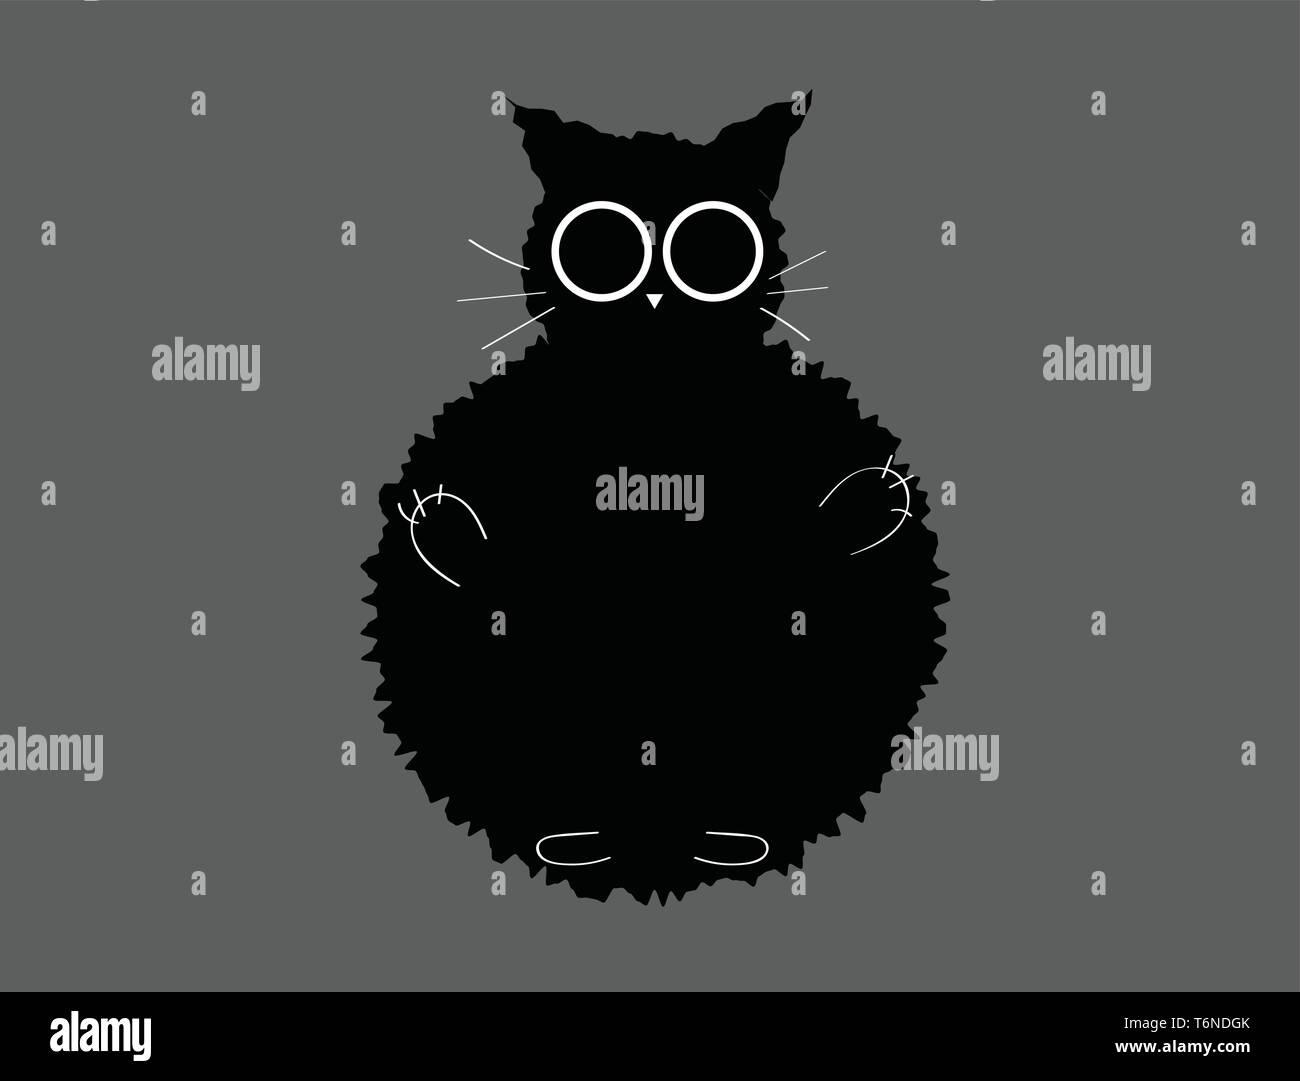 Portrait d'un chat Peluche noir avec des oreilles courtes moustaches blanches triangle inversé-like nez Blanches mains et jambes sur un fond gris col vecteur Illustration de Vecteur